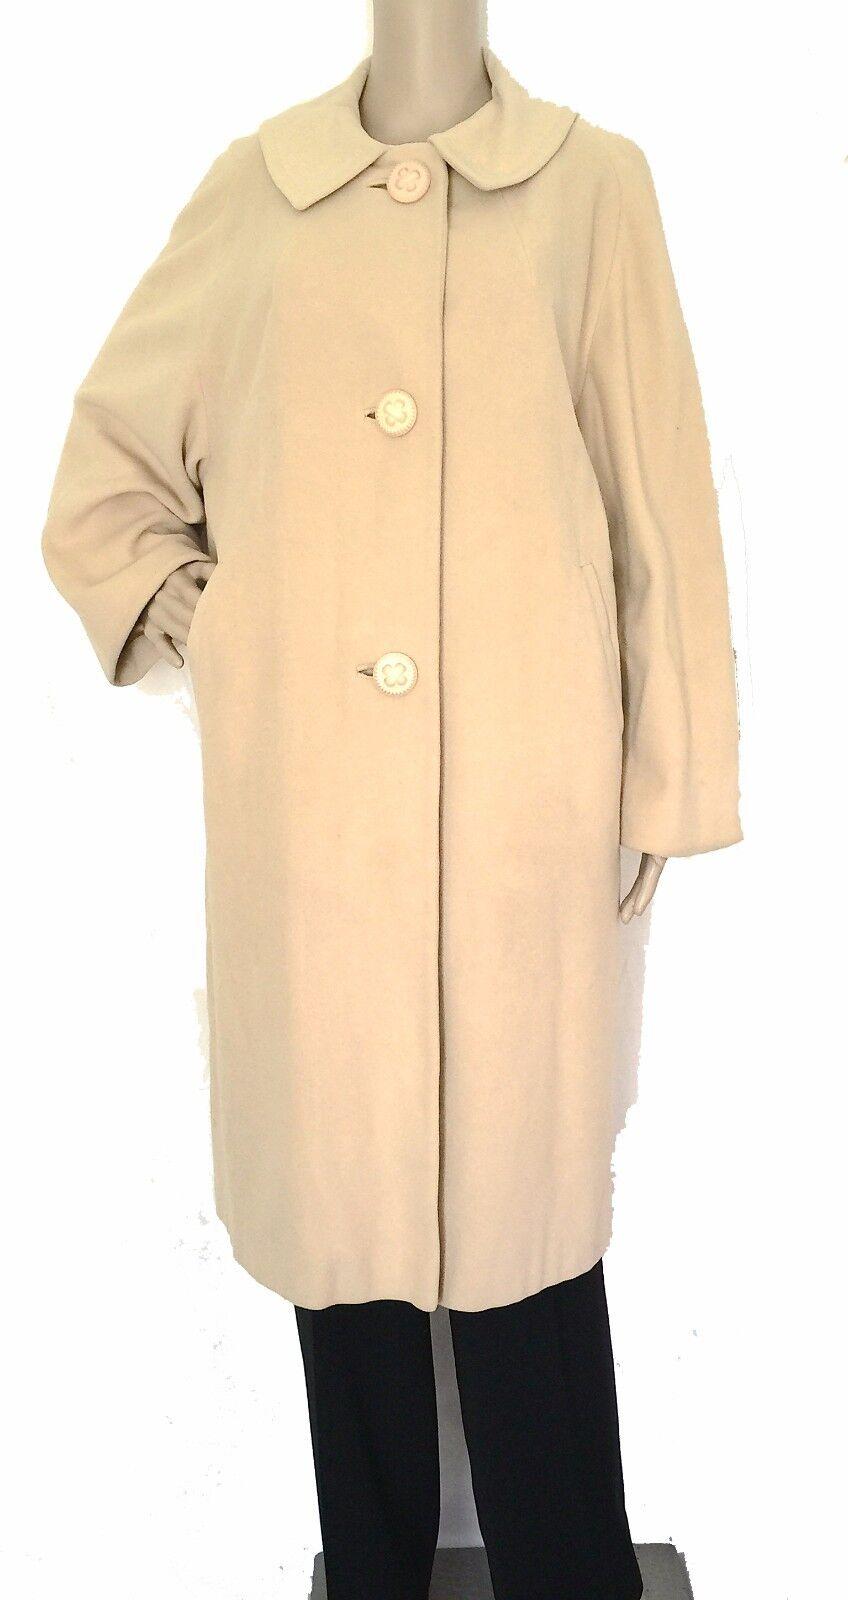 Vintage 50s 60s Camel Swing Coat 3 4 Length - Size L - EUC